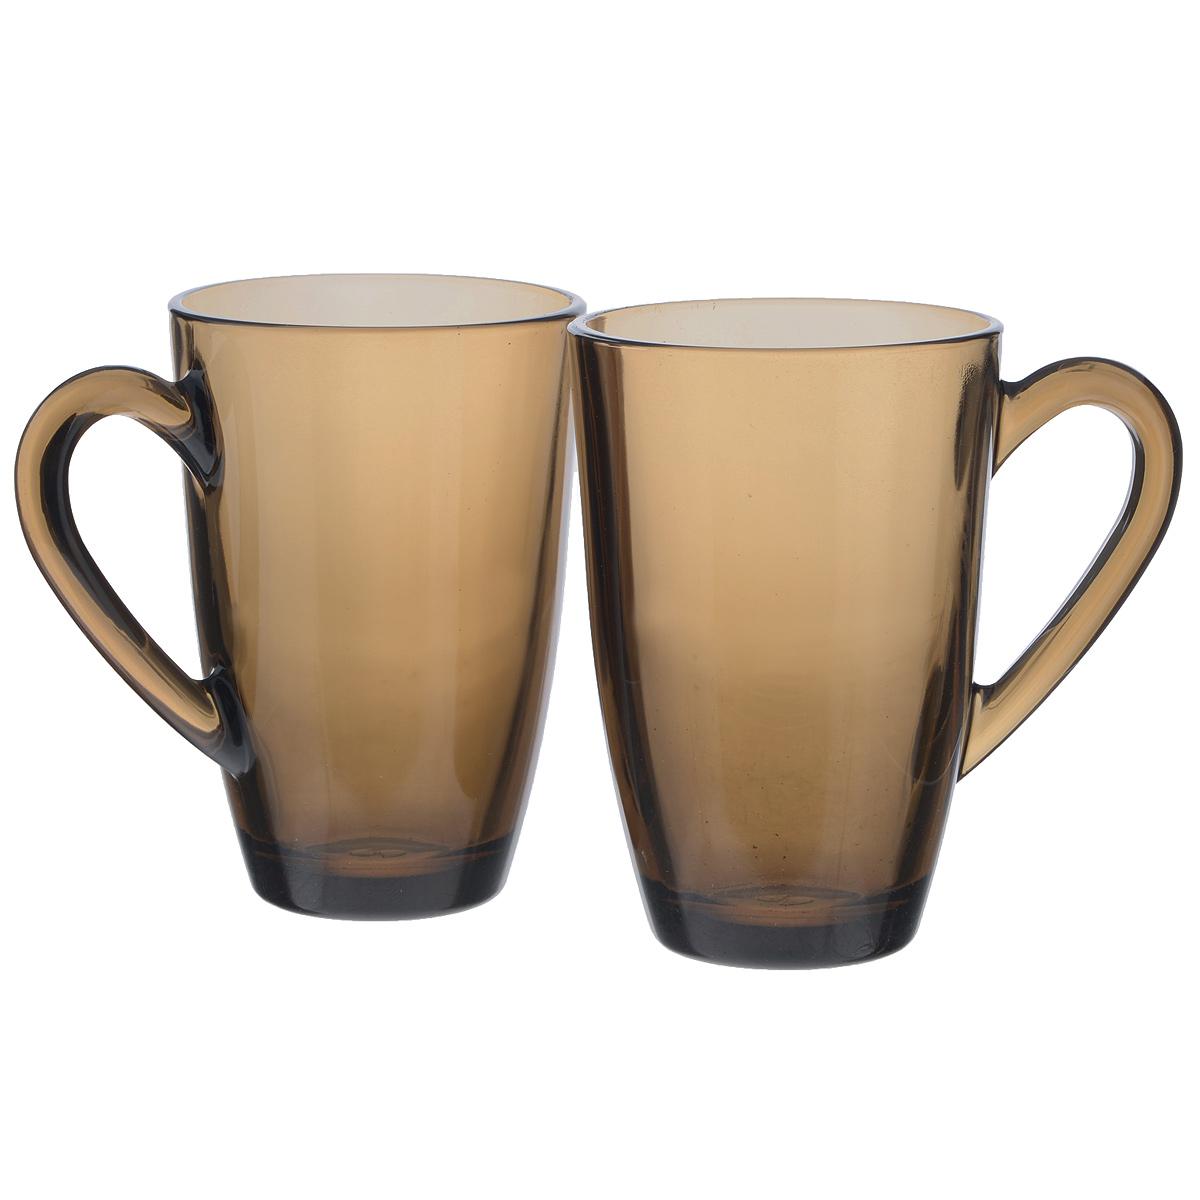 Набор кружек Pasabahce Bronze, 325 мл, 2 шт55393BZTНабор Pasabahce Bronze состоит из двух кружек с удобными ручками, выполненных из закаленного натрий-кальций-силикатного стекла. Изделия хорошо удерживают тепло, не нагреваются. Функциональность, практичность и стильный дизайн сделают набор прекрасным дополнением к вашей коллекции посуды. Можно мыть в посудомоечных машинах и использовать в микроволновых печах. Диаметр кружки по верхнему краю: 7,5 см. Высота кружки: 11,5 см. Объем: 325 мл.